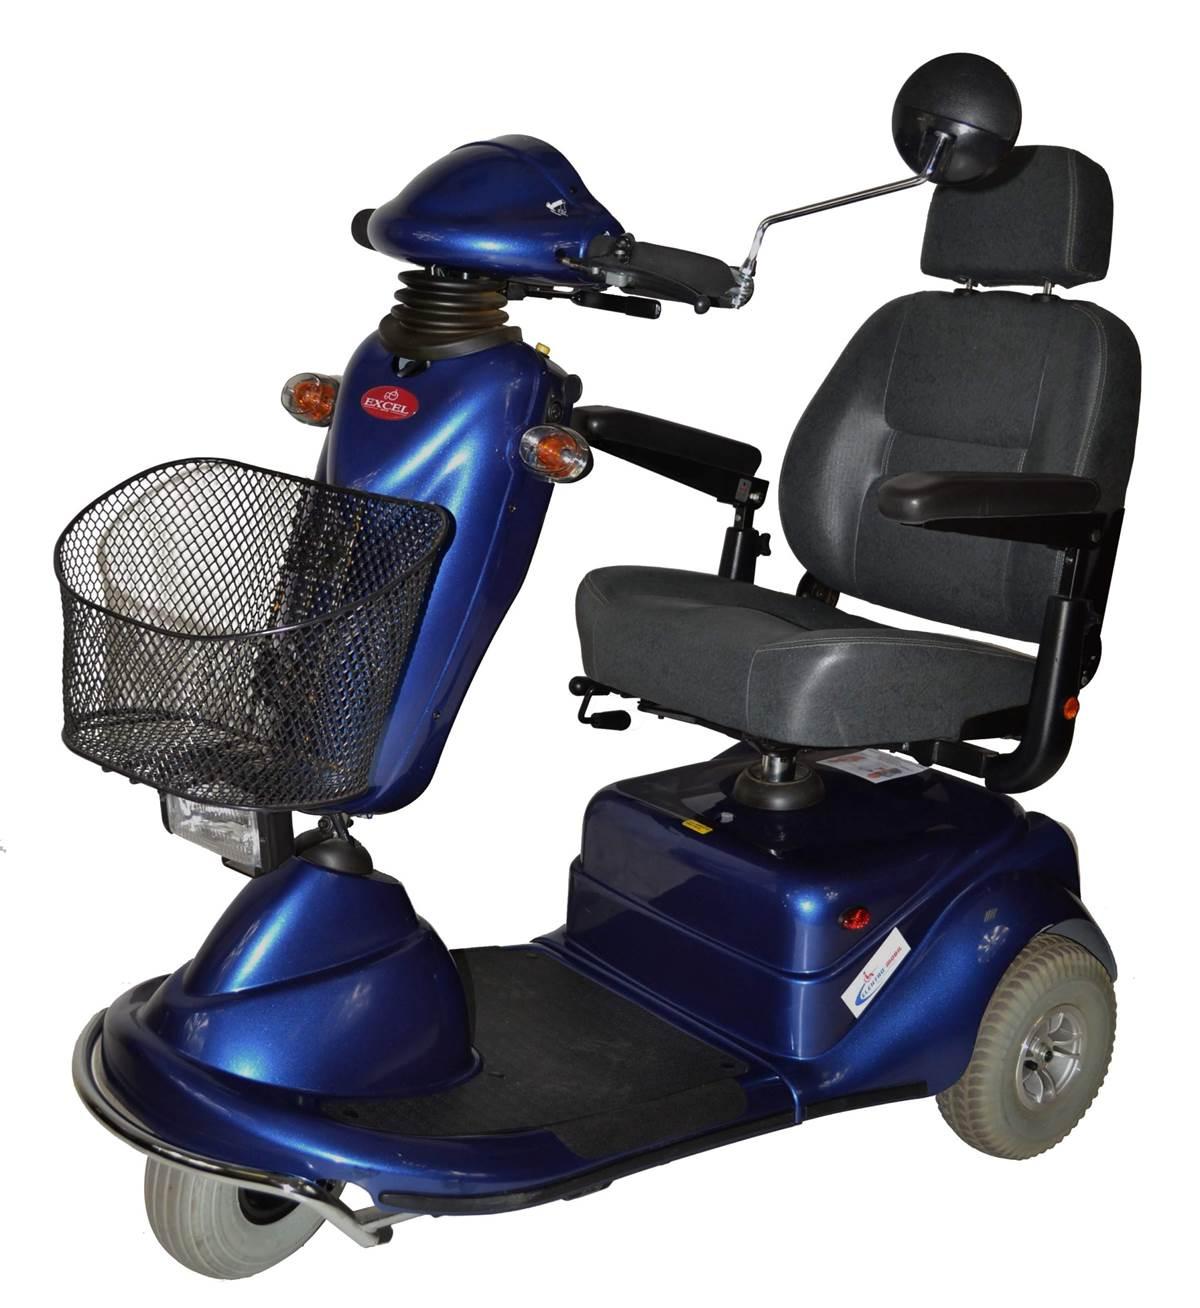 exel navigator mały używany skuter inwalidzki